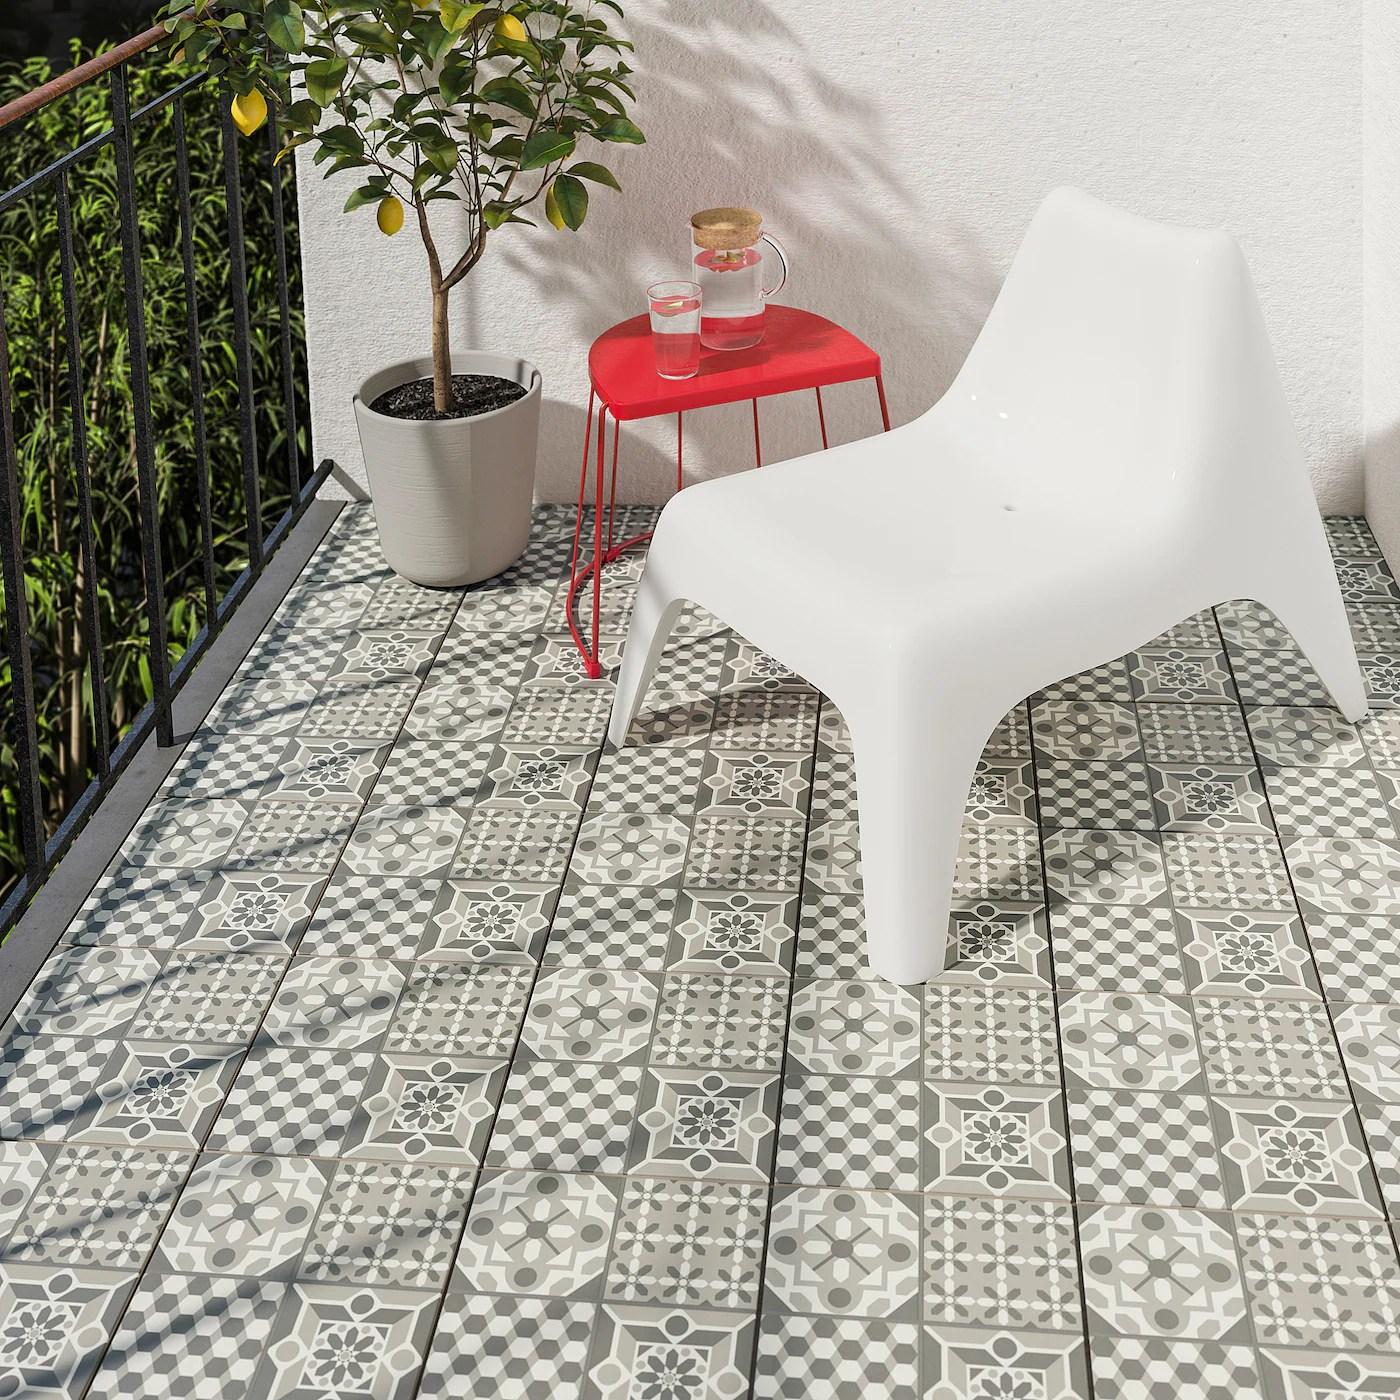 mallsten floor decking outdoor grey white 0 81 m